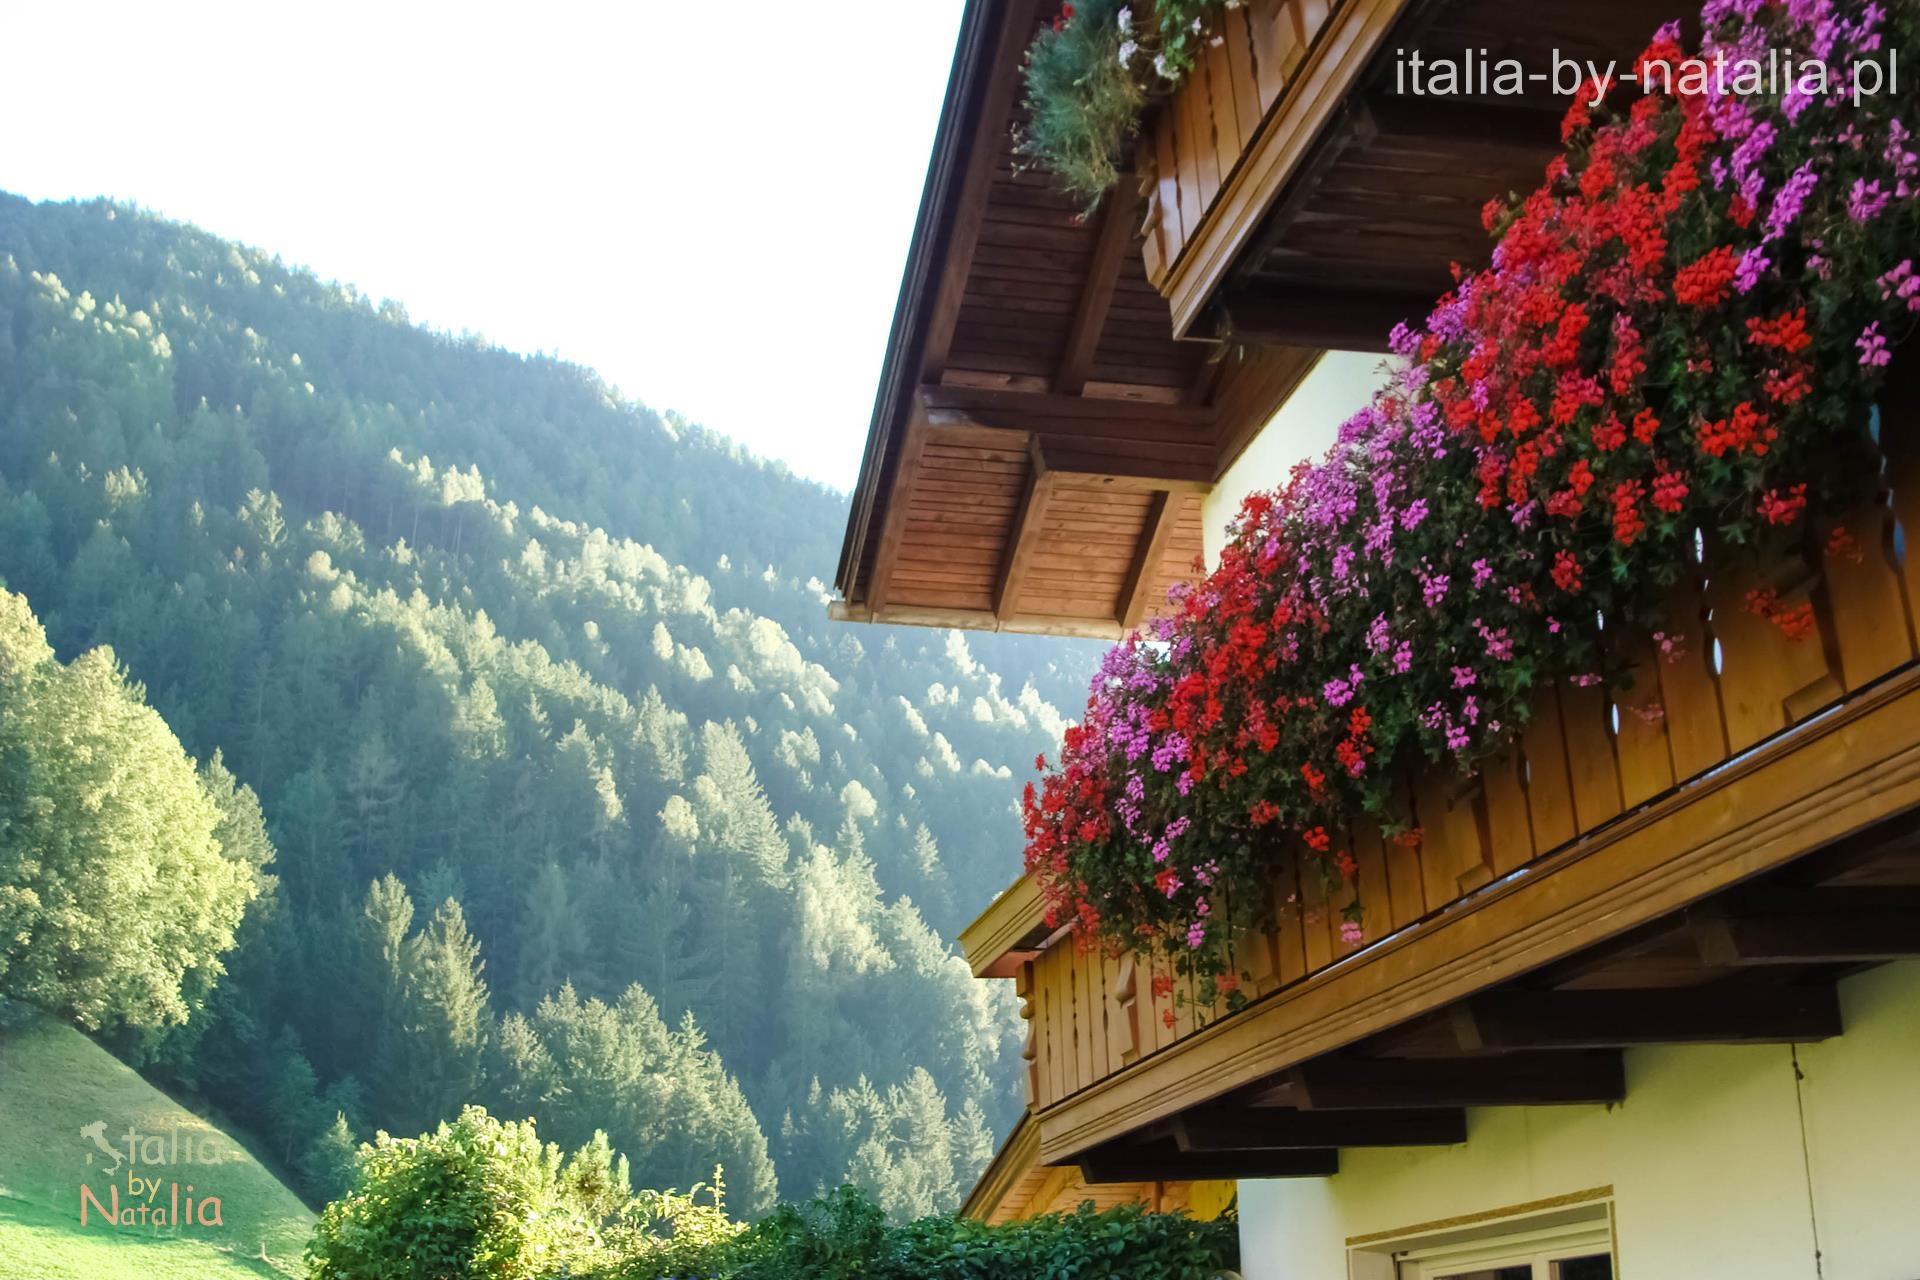 Tschampertonhof Val di Funes Dolomity Południowy Tyrol Włochy Italy South Tirol Dolomites